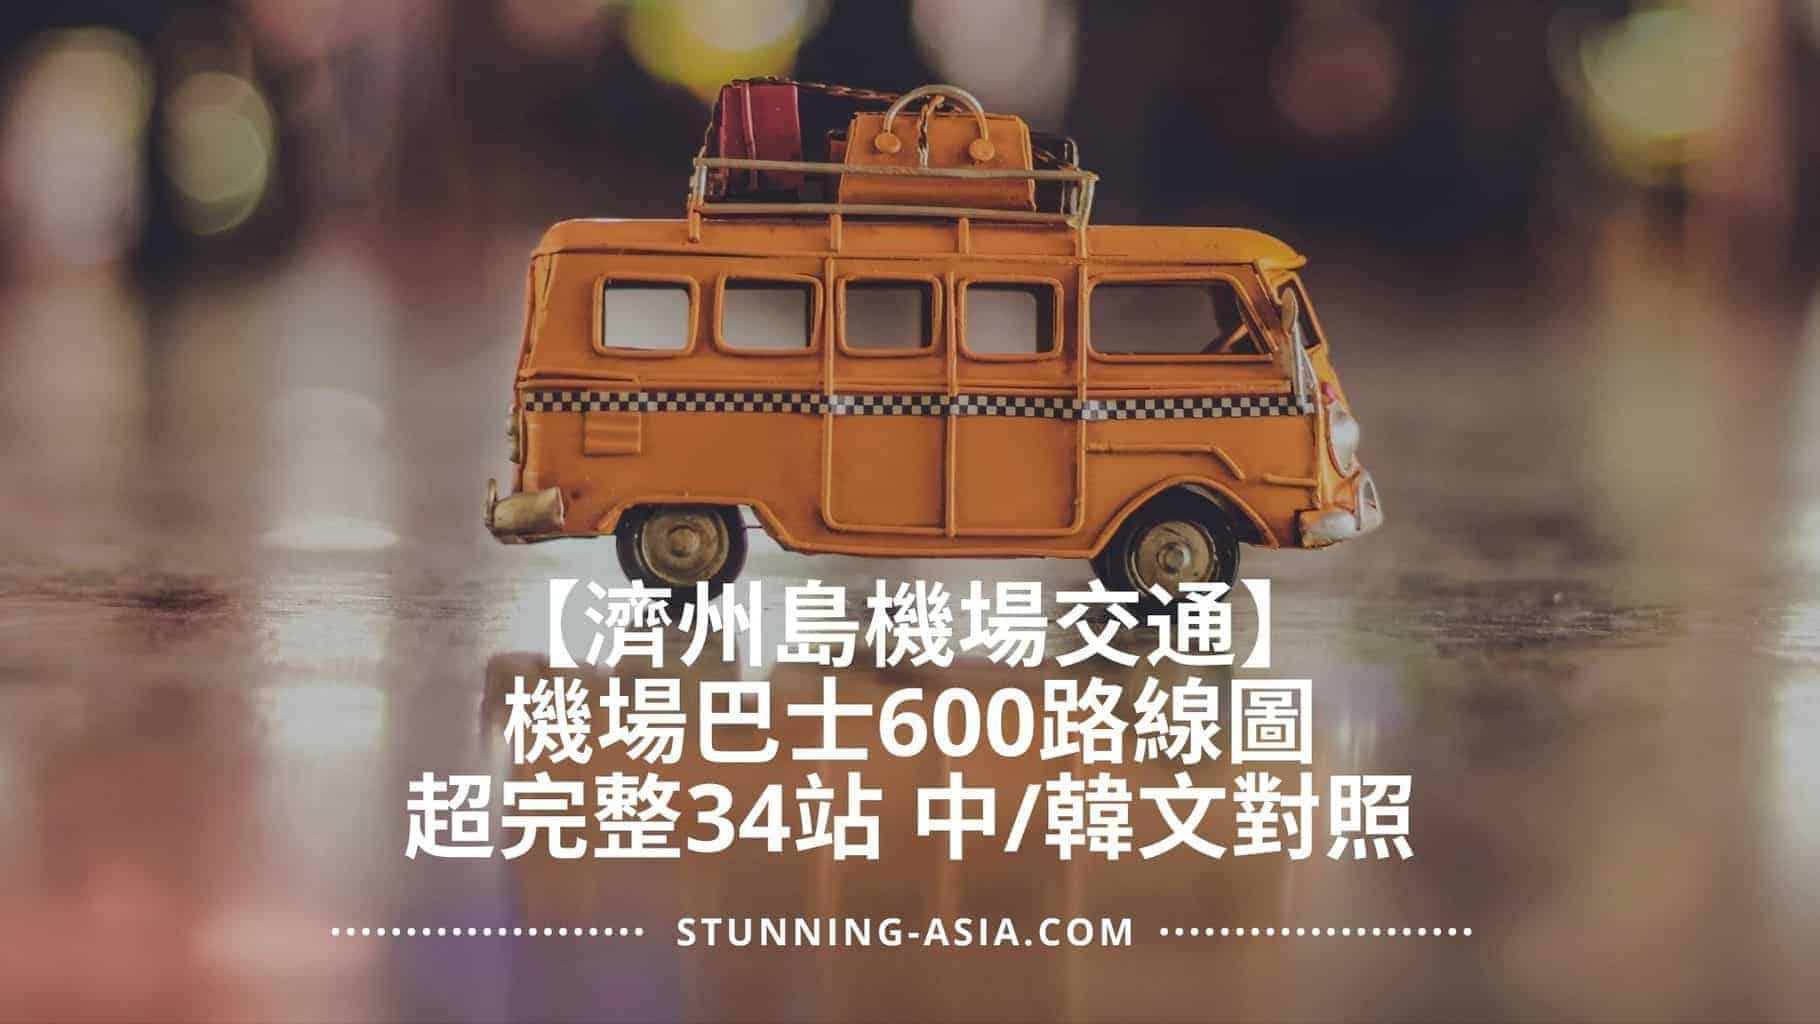 【濟州島機場交通】超完整34站機場巴士600路線圖(中/韓文對照)